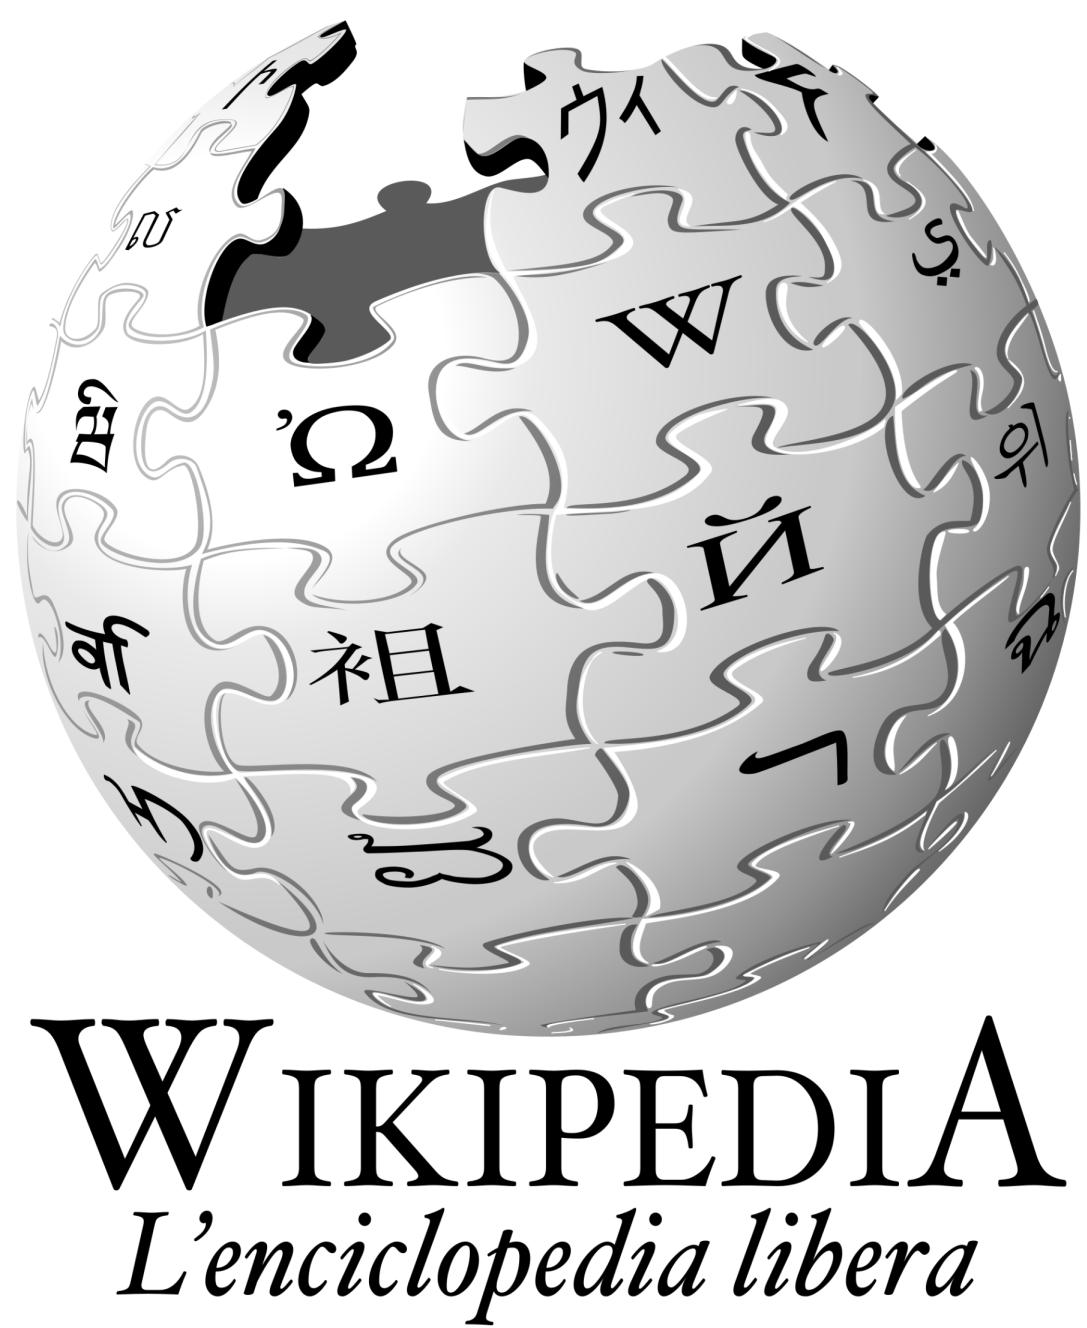 Wikipedia trova la soluzione per editing su commissione